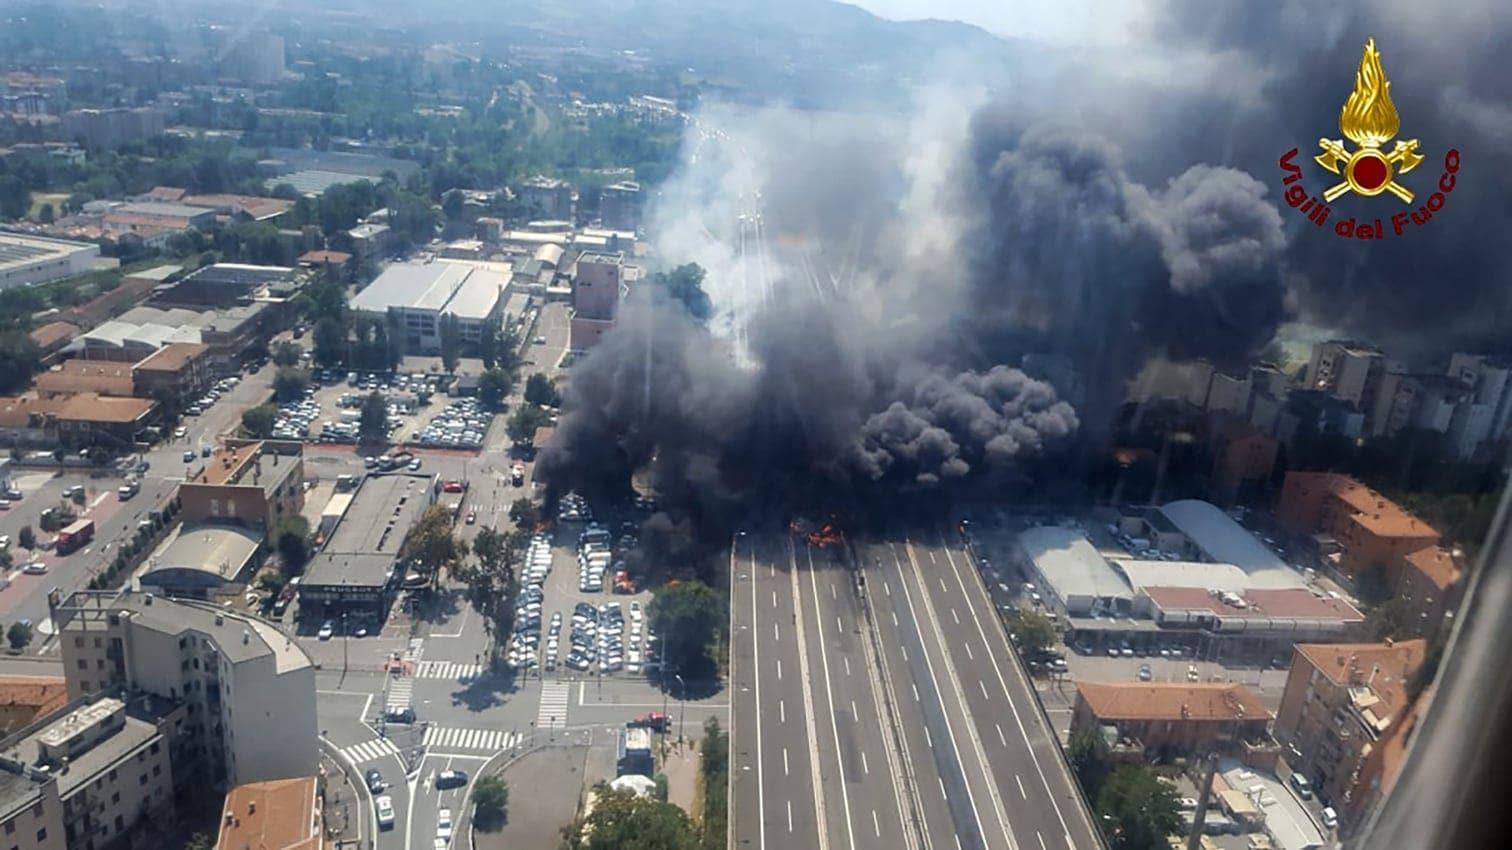 <p>Auslöser war dem Bericht zufolge ein Unfall mit einem Gefahrguttransporter.</p> Foto: AFP